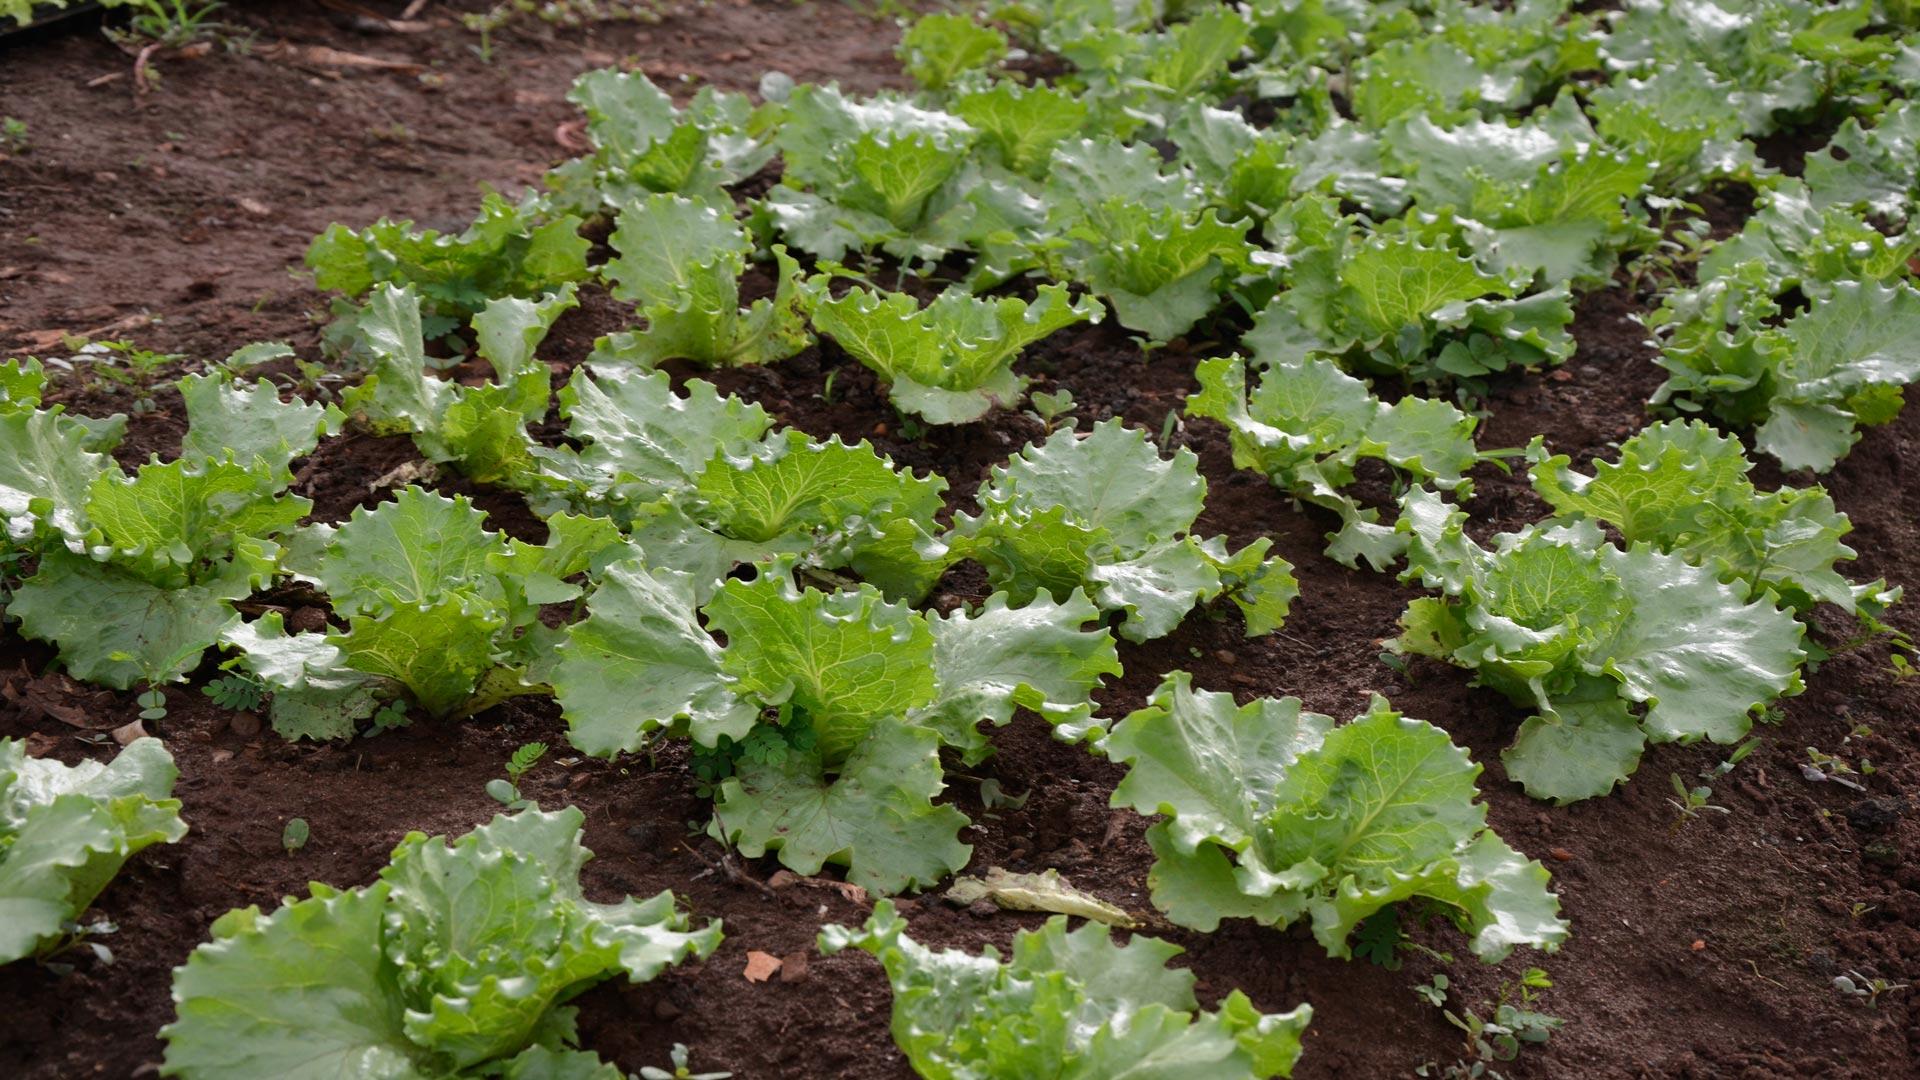 Lechuga cultivo para novatos